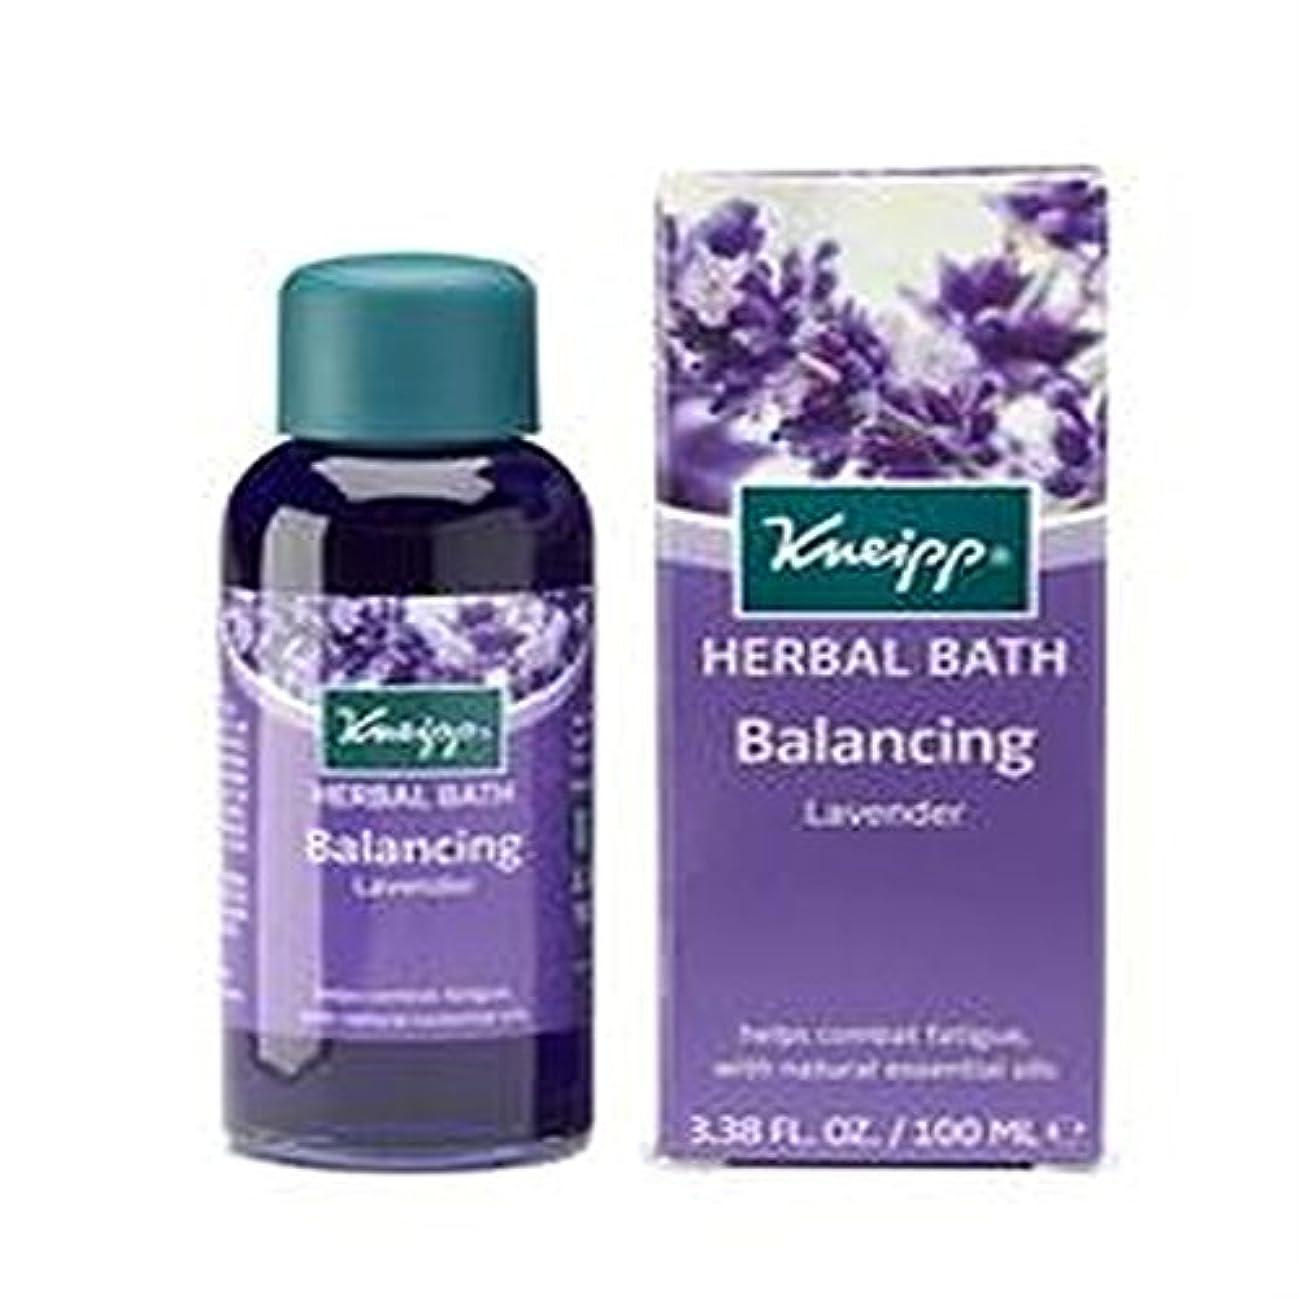 予防接種練習した見せますKneipp Balancing Lavender Herbal Bath - 3.38 Oz. (並行輸入品) [並行輸入品]